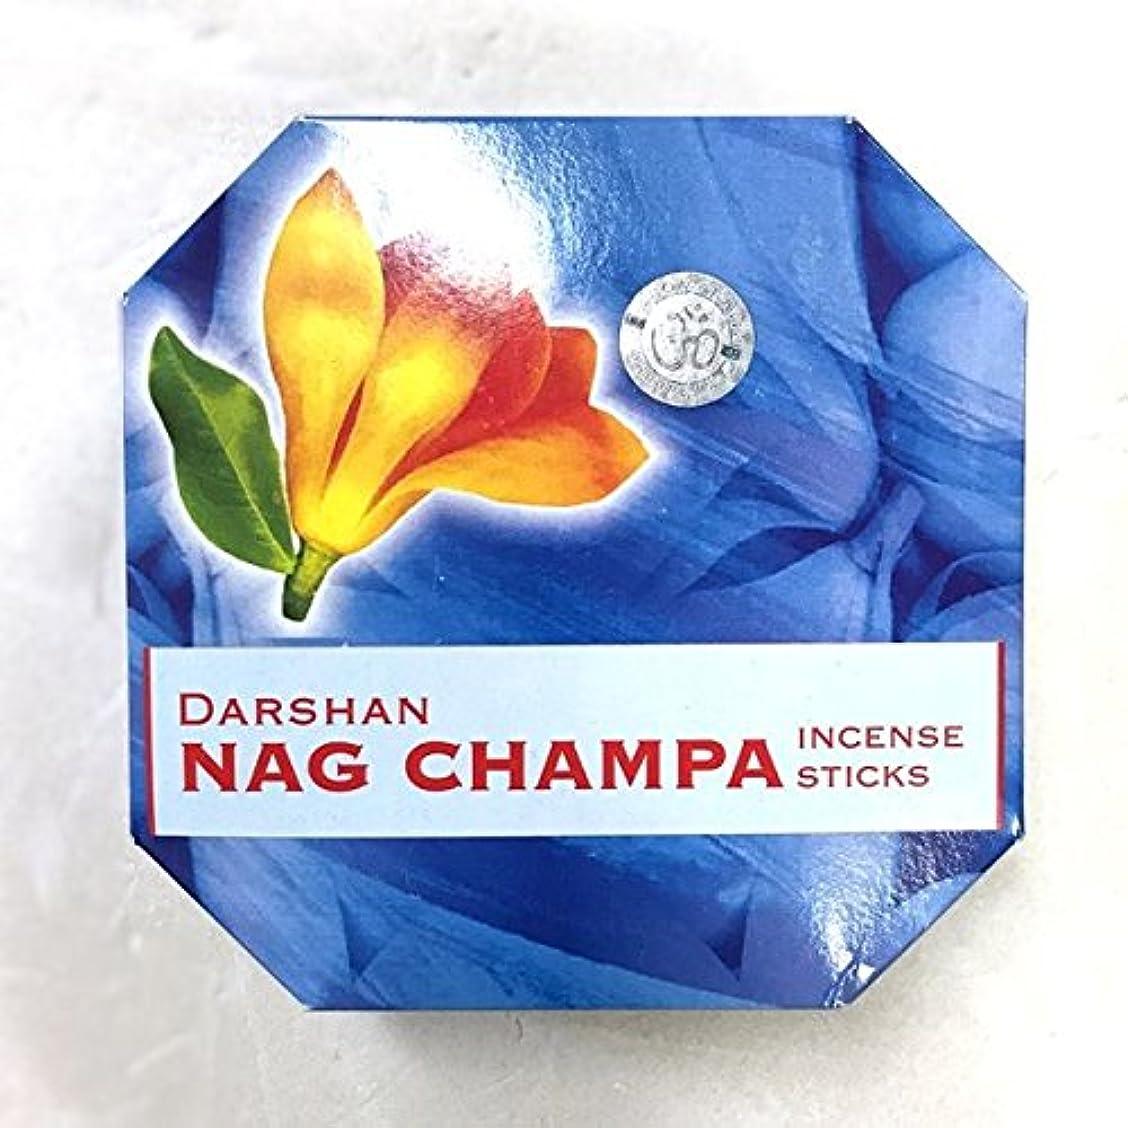 配管工色オセアニアバリタイ お香 ナグチャンパ/NAG CHANPA 渦巻き香